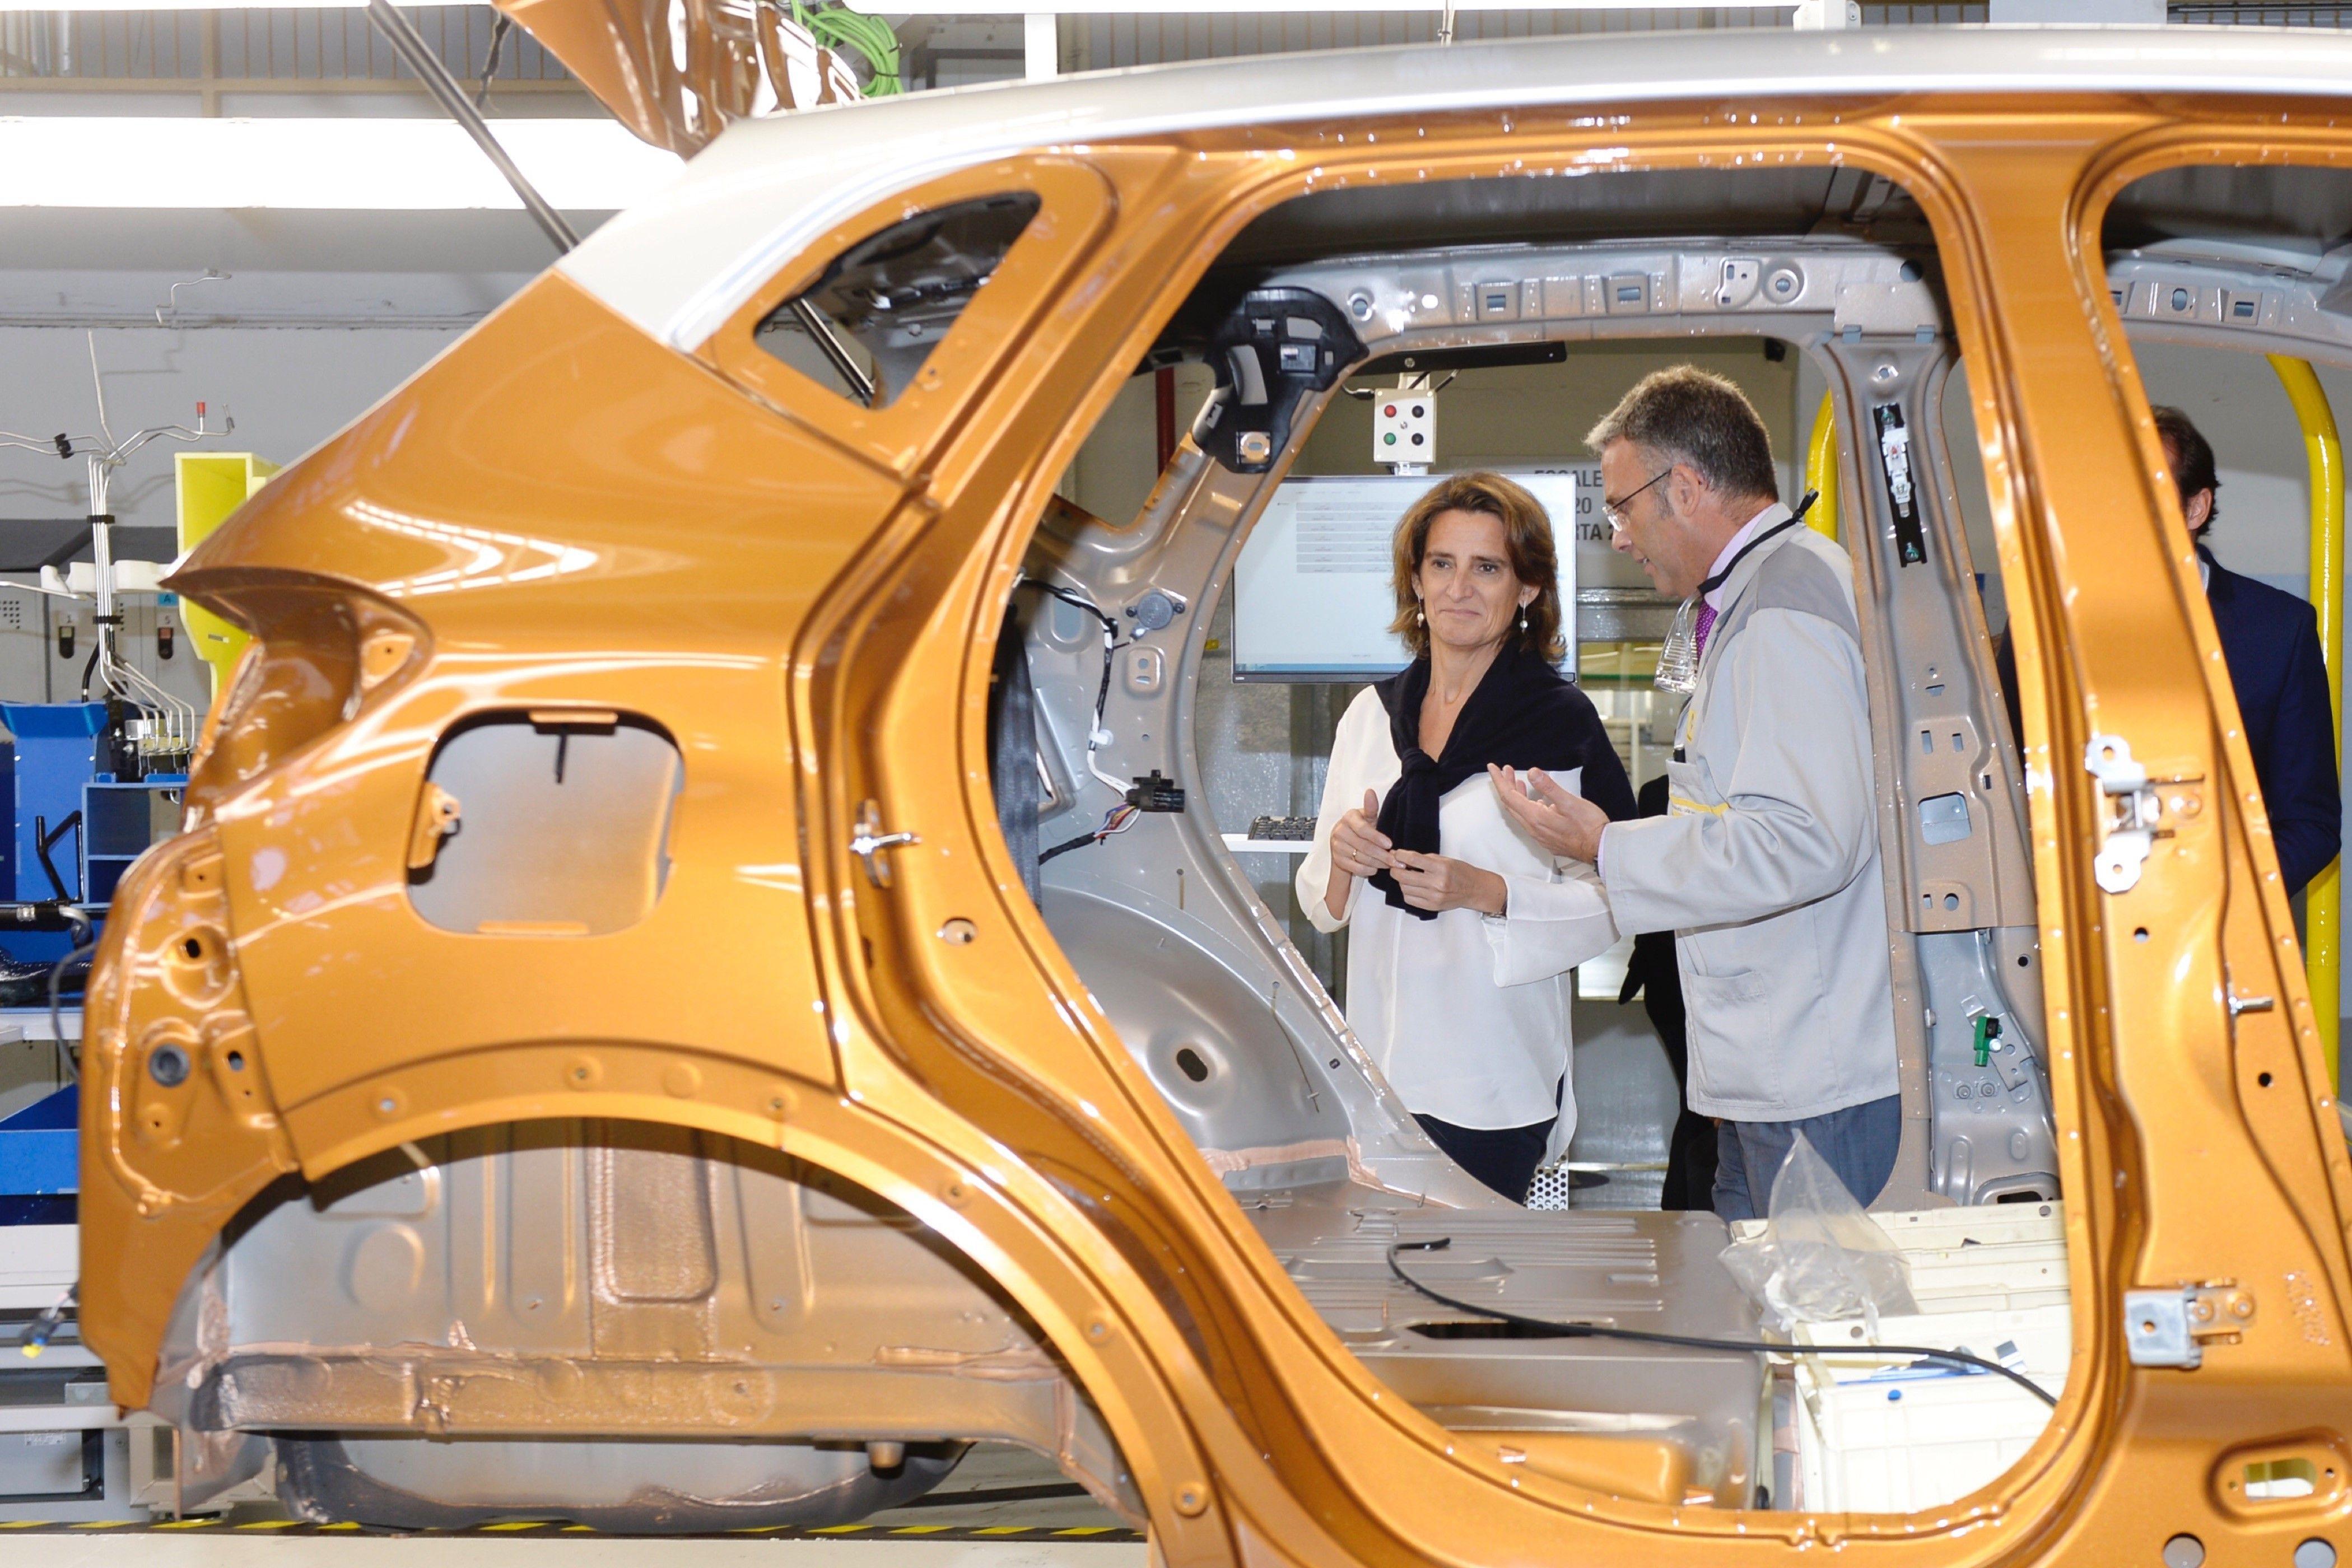 Impuesto de Matriculación: 1.100 euros más en impuestos por tener coche nuevo